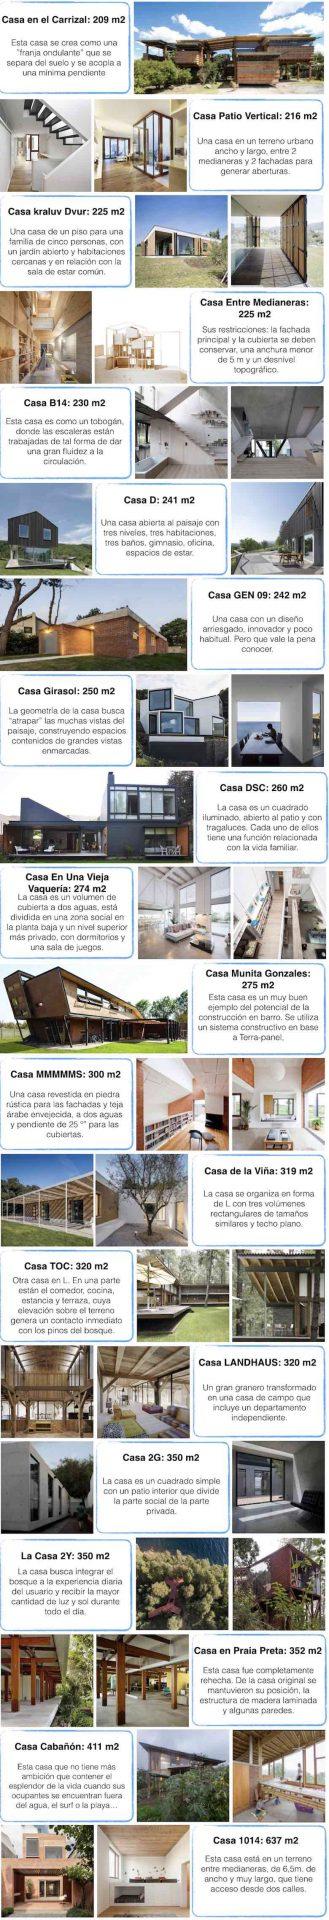 100 Casas